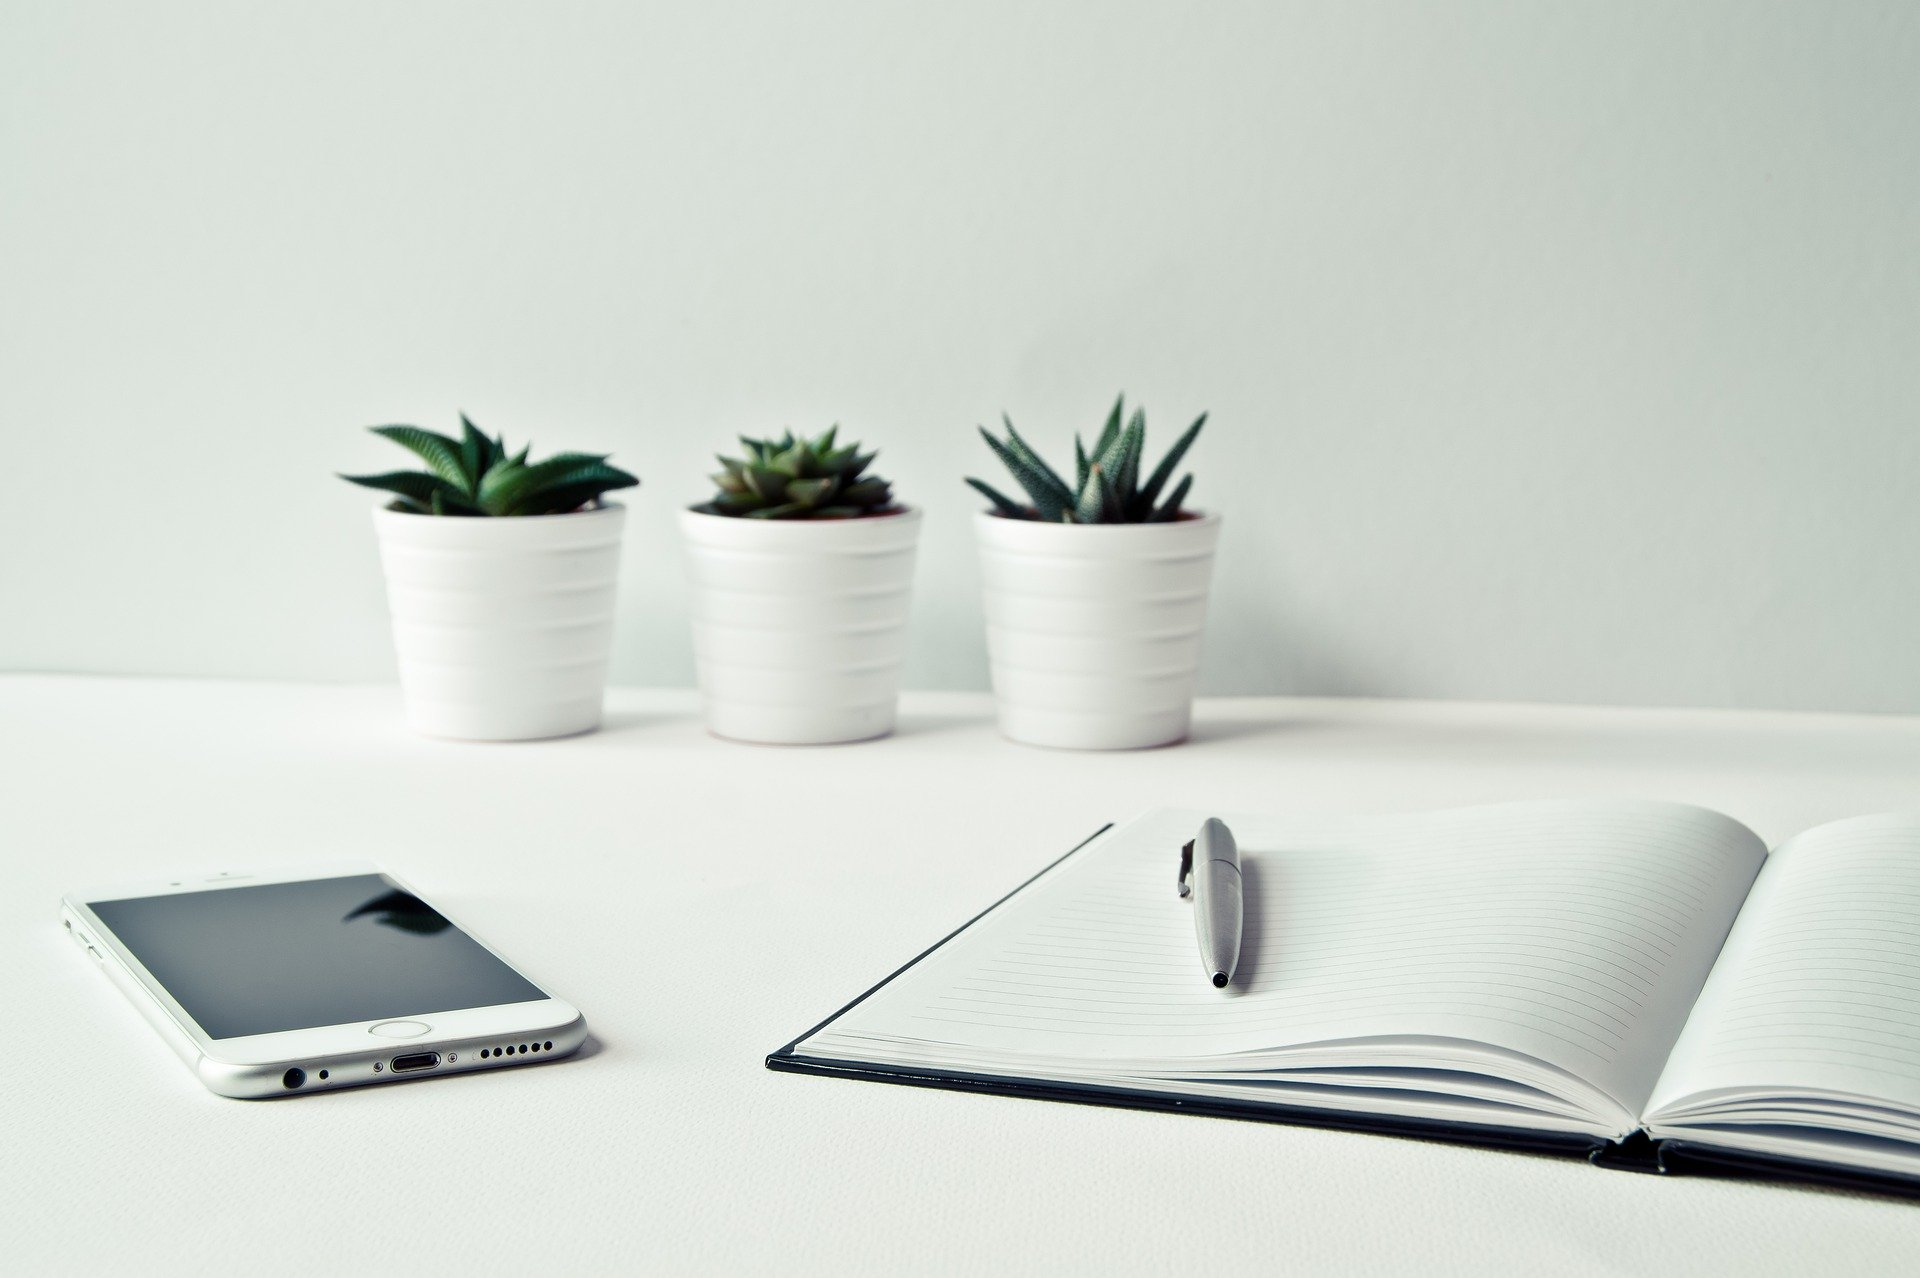 仕事に集中できない原因と解決策を解説